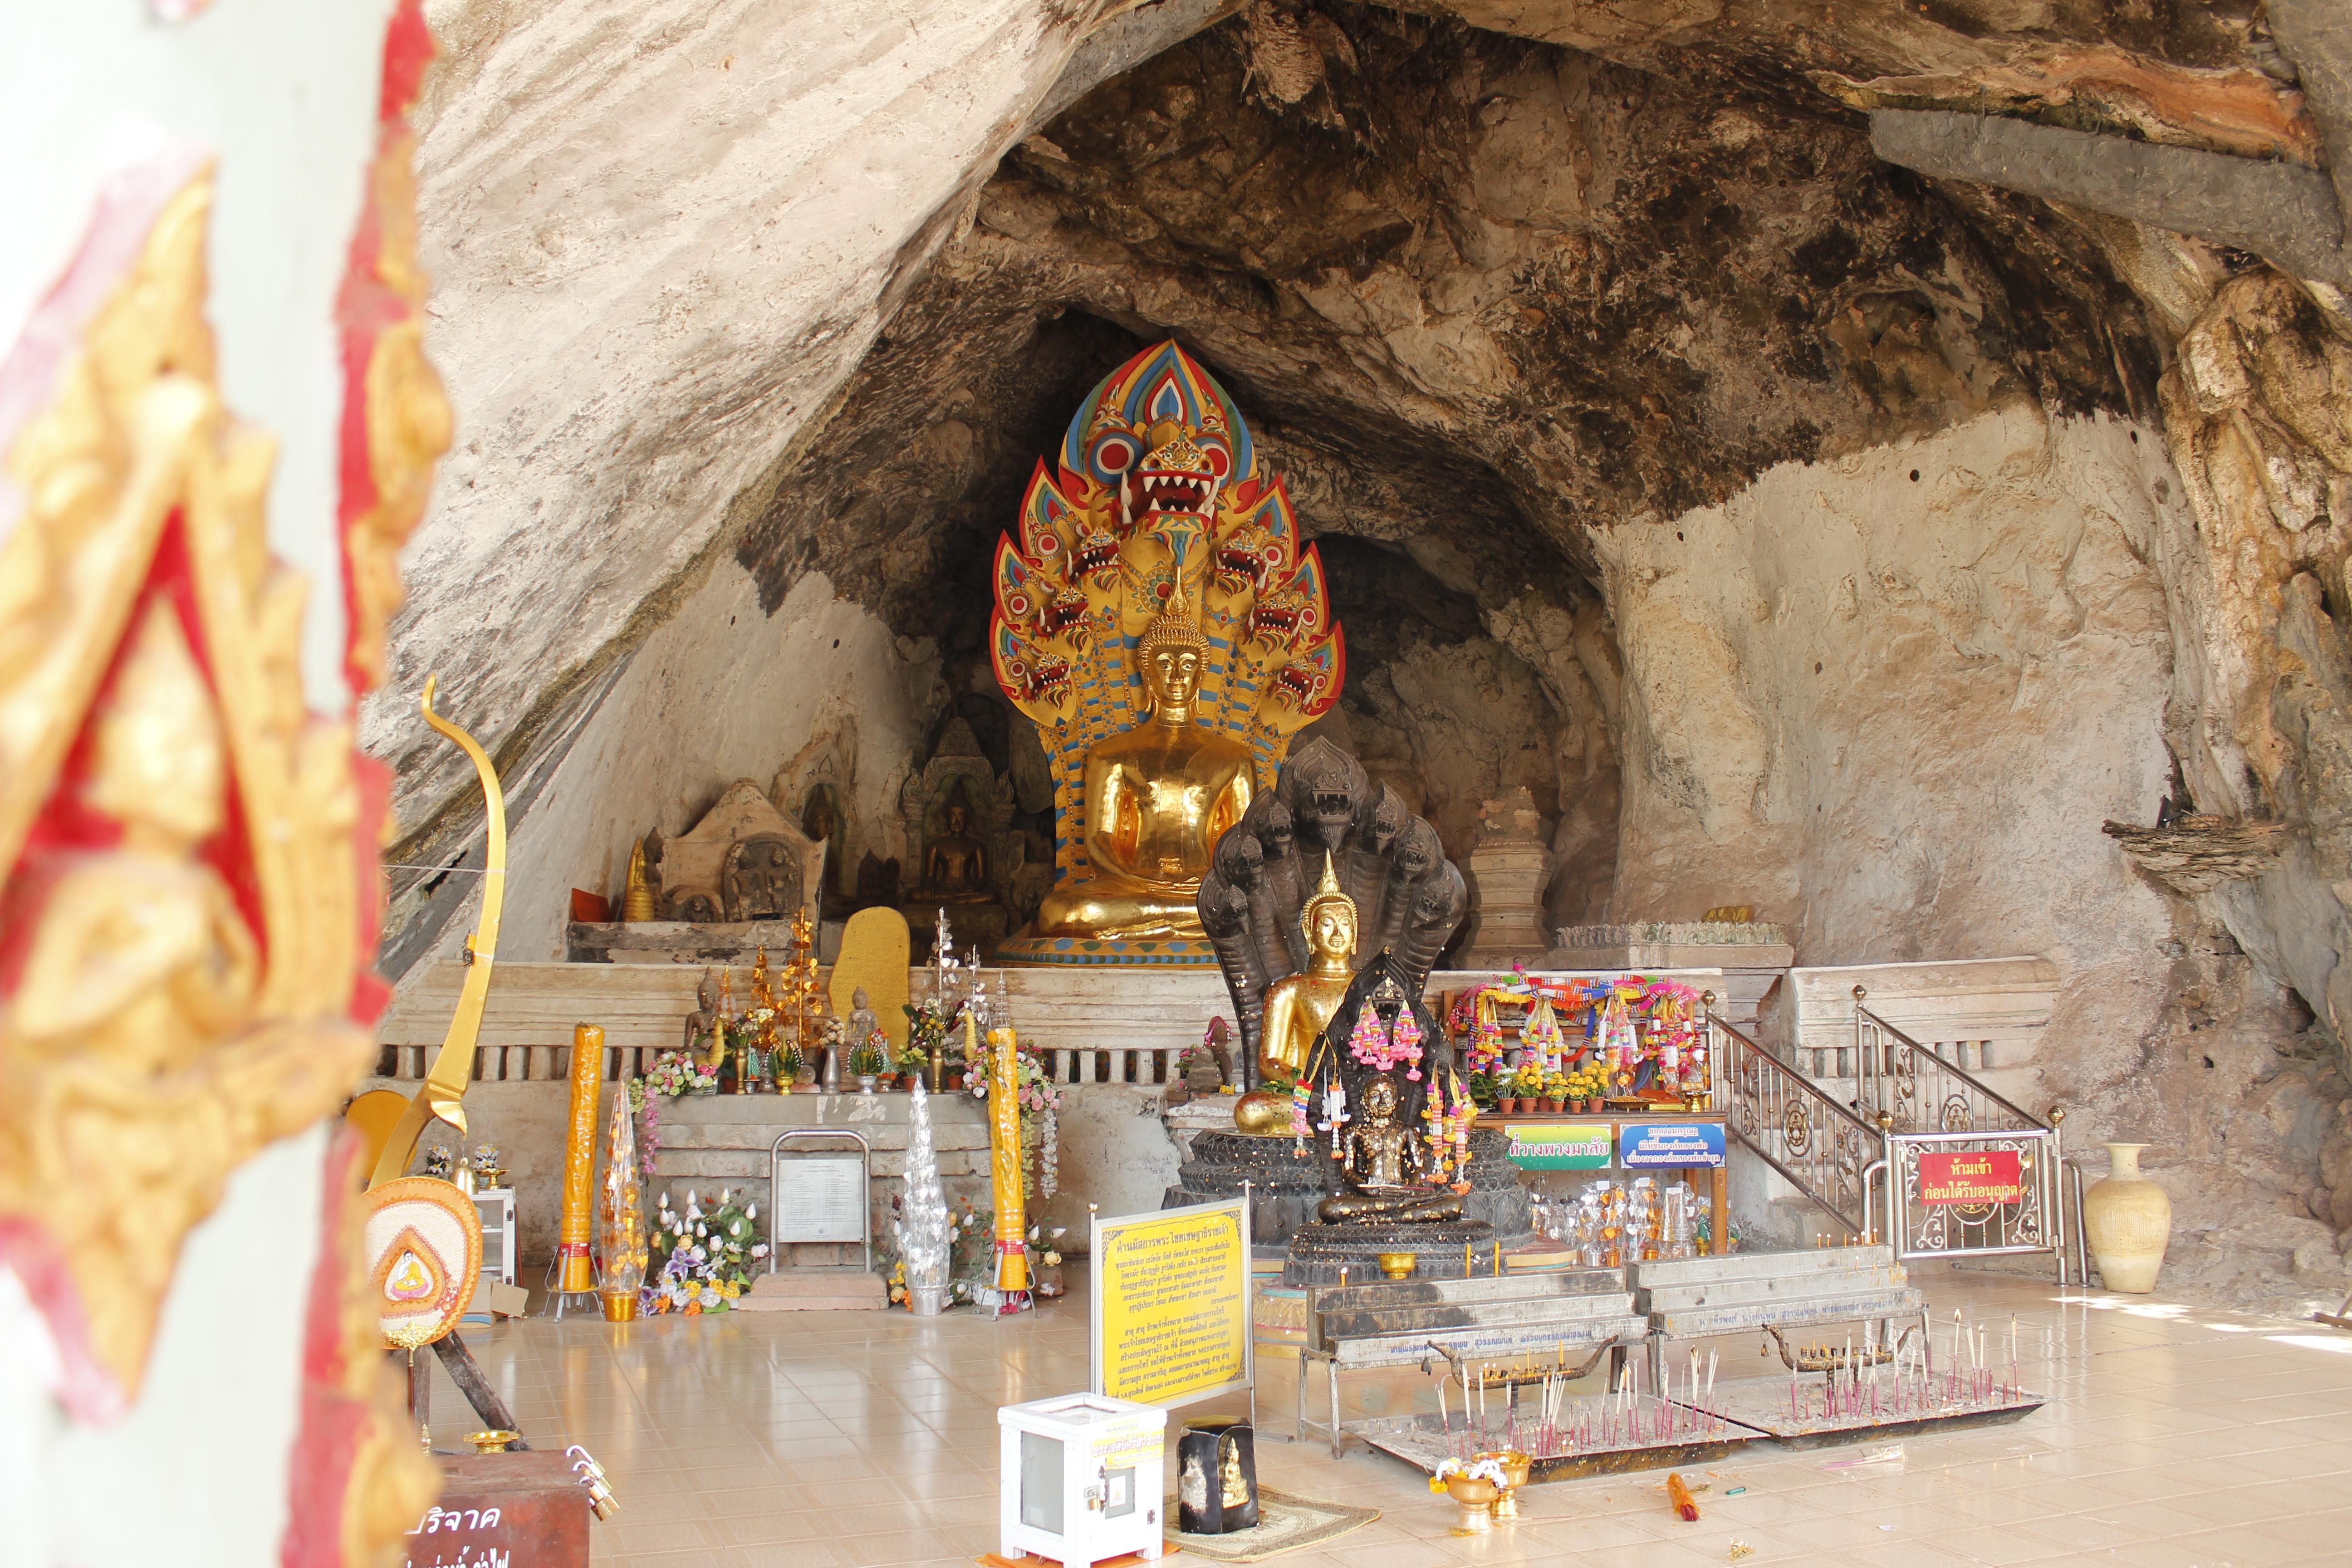 เมื่อไปถึง ก็จะเห็นพระพุทธรูปตั้งอยู่ ผู้คนส่วนมาจะเข้าไปไหว้พระเป็นอันดับแรกก่อนเดินชมรอบถ้ำ